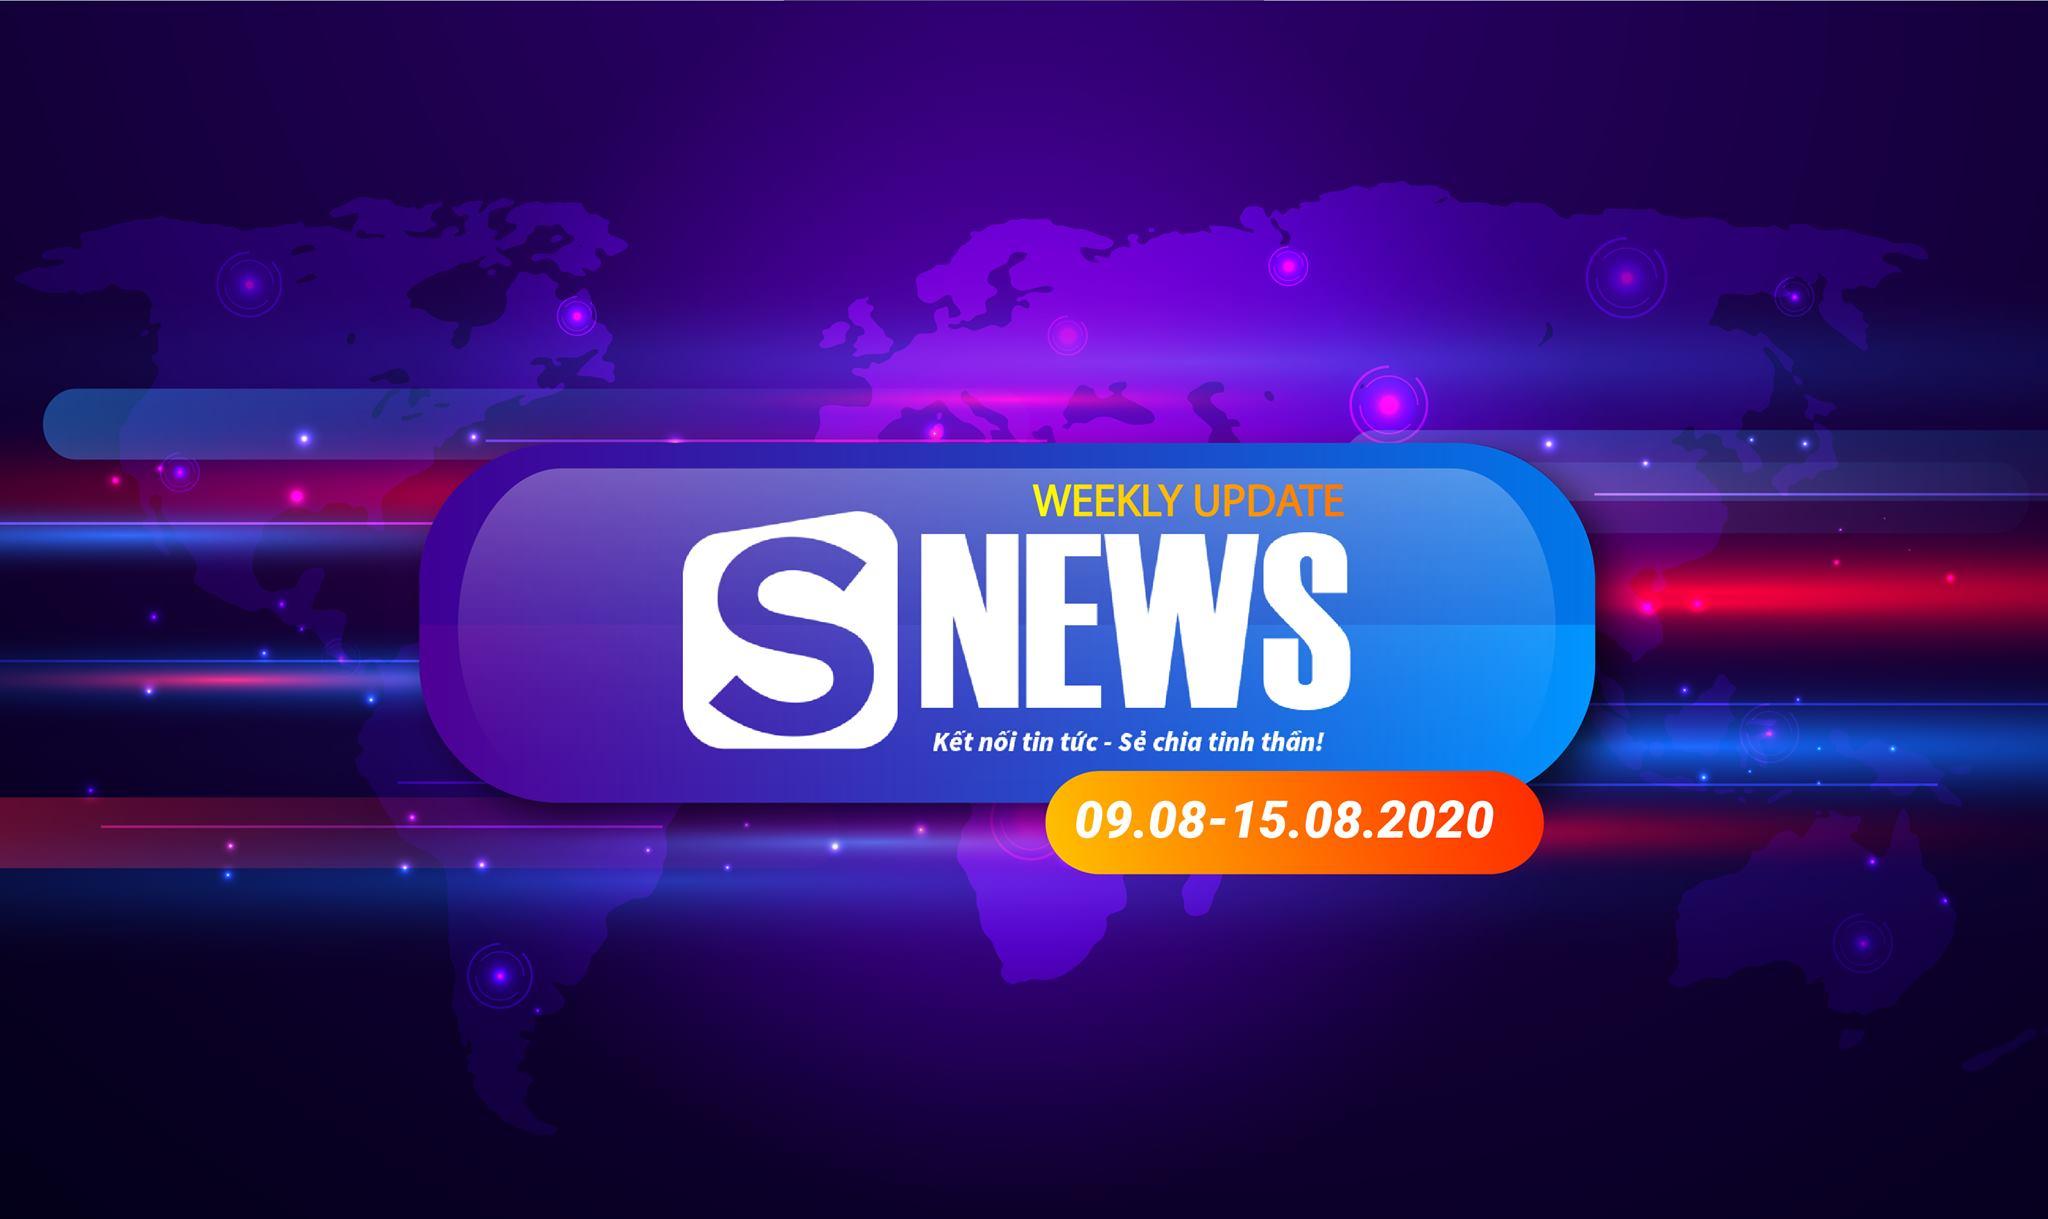 Tổng hợp tin tức tuần qua (09.08 - 15.08.2020)